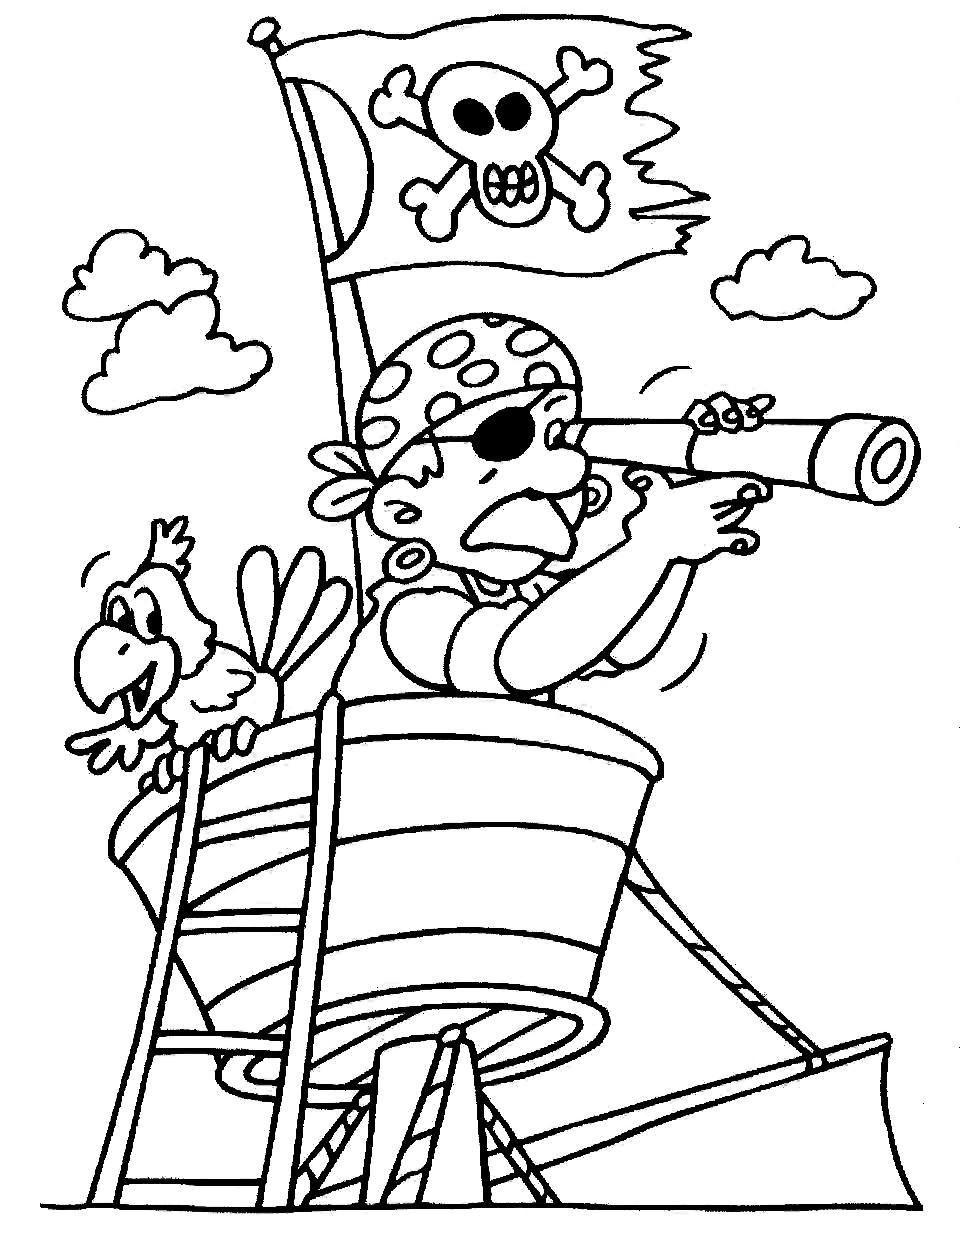 Piraat Kleurplaten Zoeken.Kleurplaten Piraten Google Zoeken Piraat Knutselen